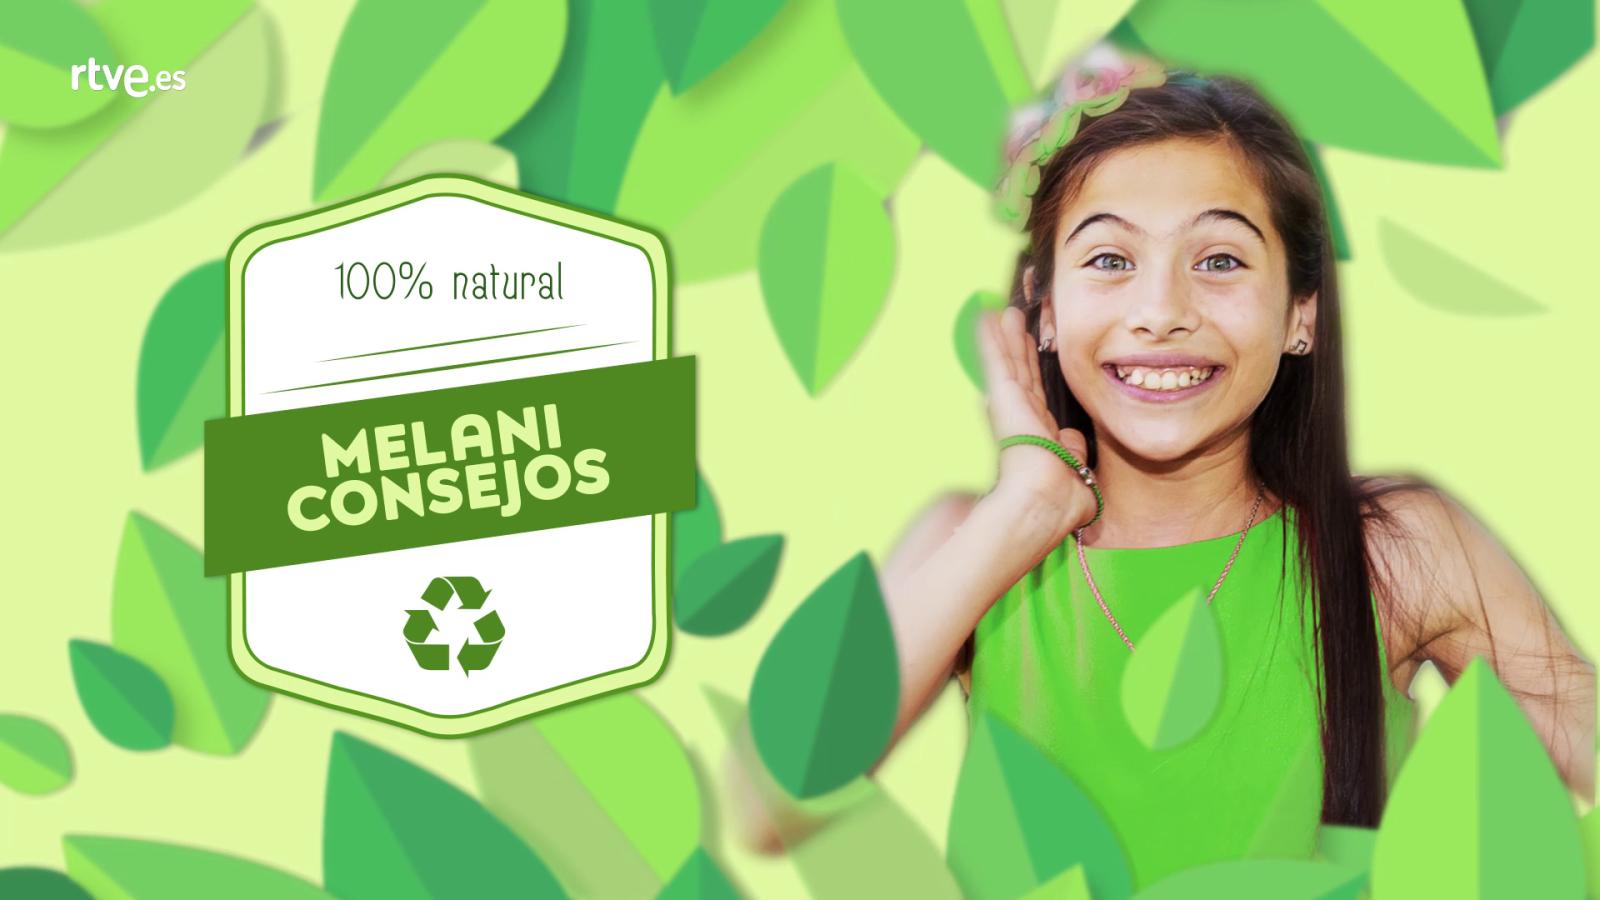 Eurovisión Junior 2019 - Melani Consejo 1: Reducir el consumo de plásticos